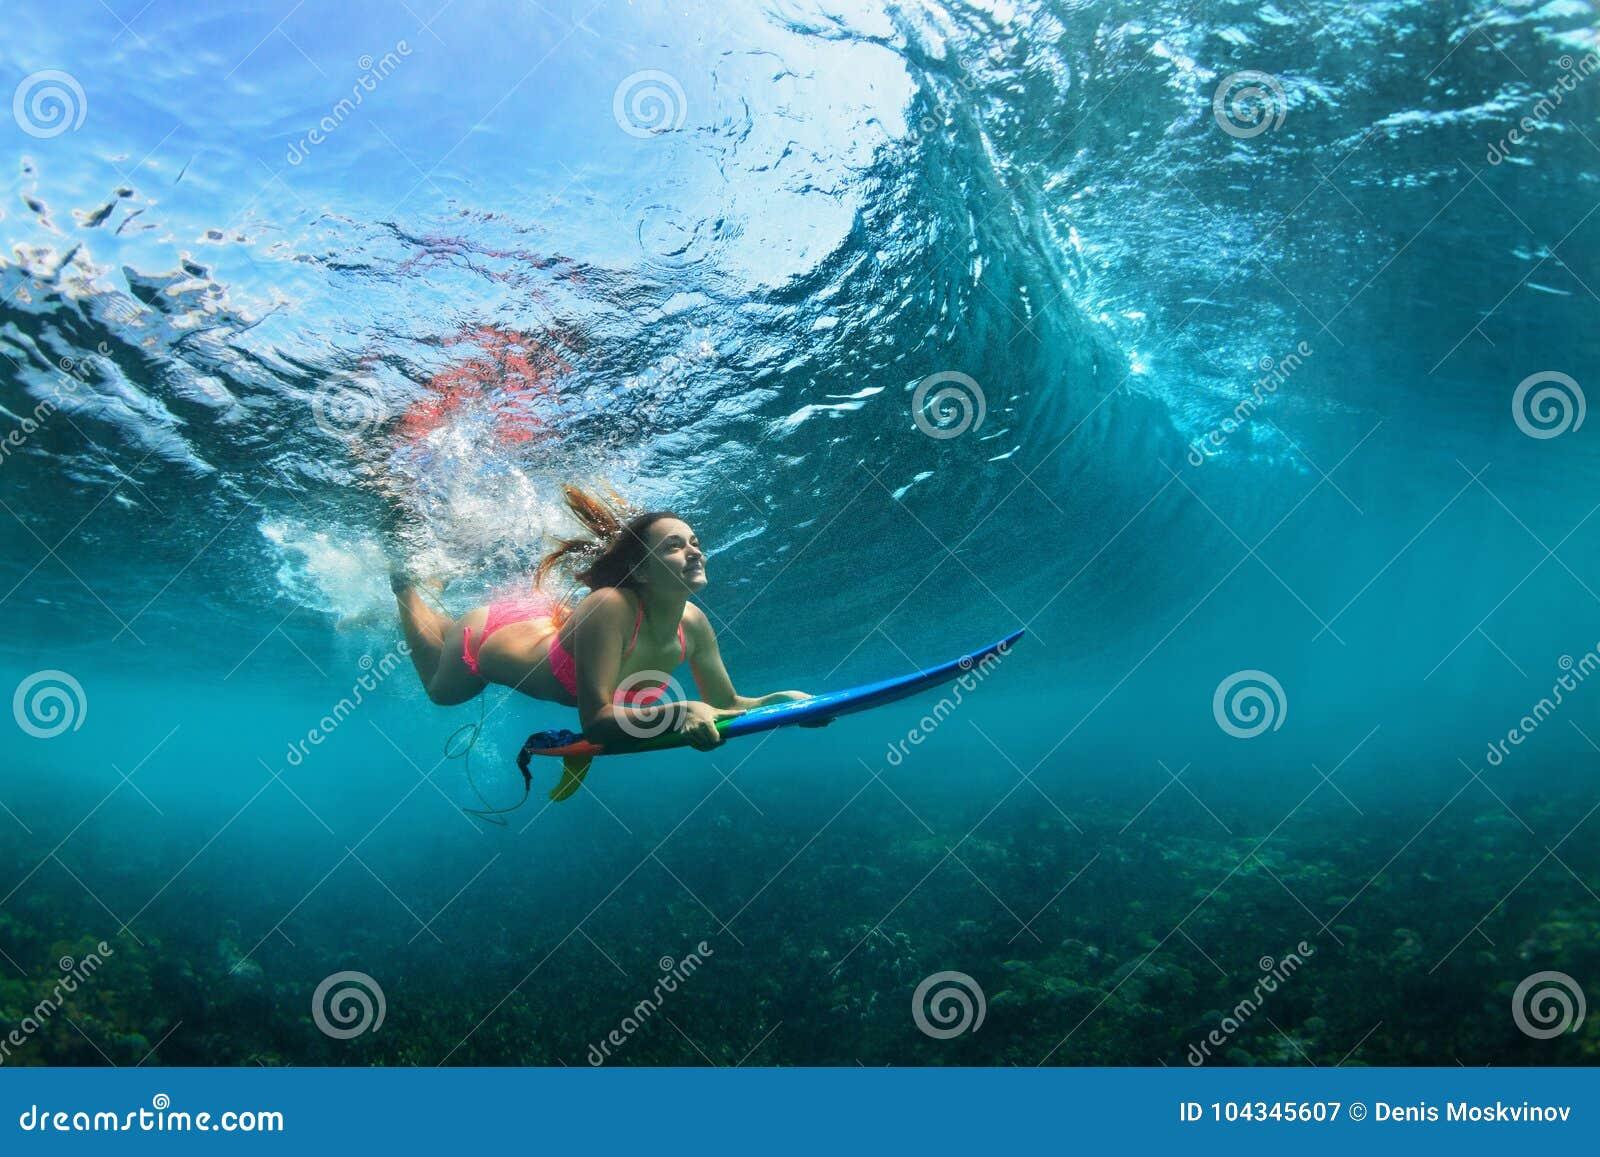 比基尼泳装的活跃女孩在对水橇板的下潜行动